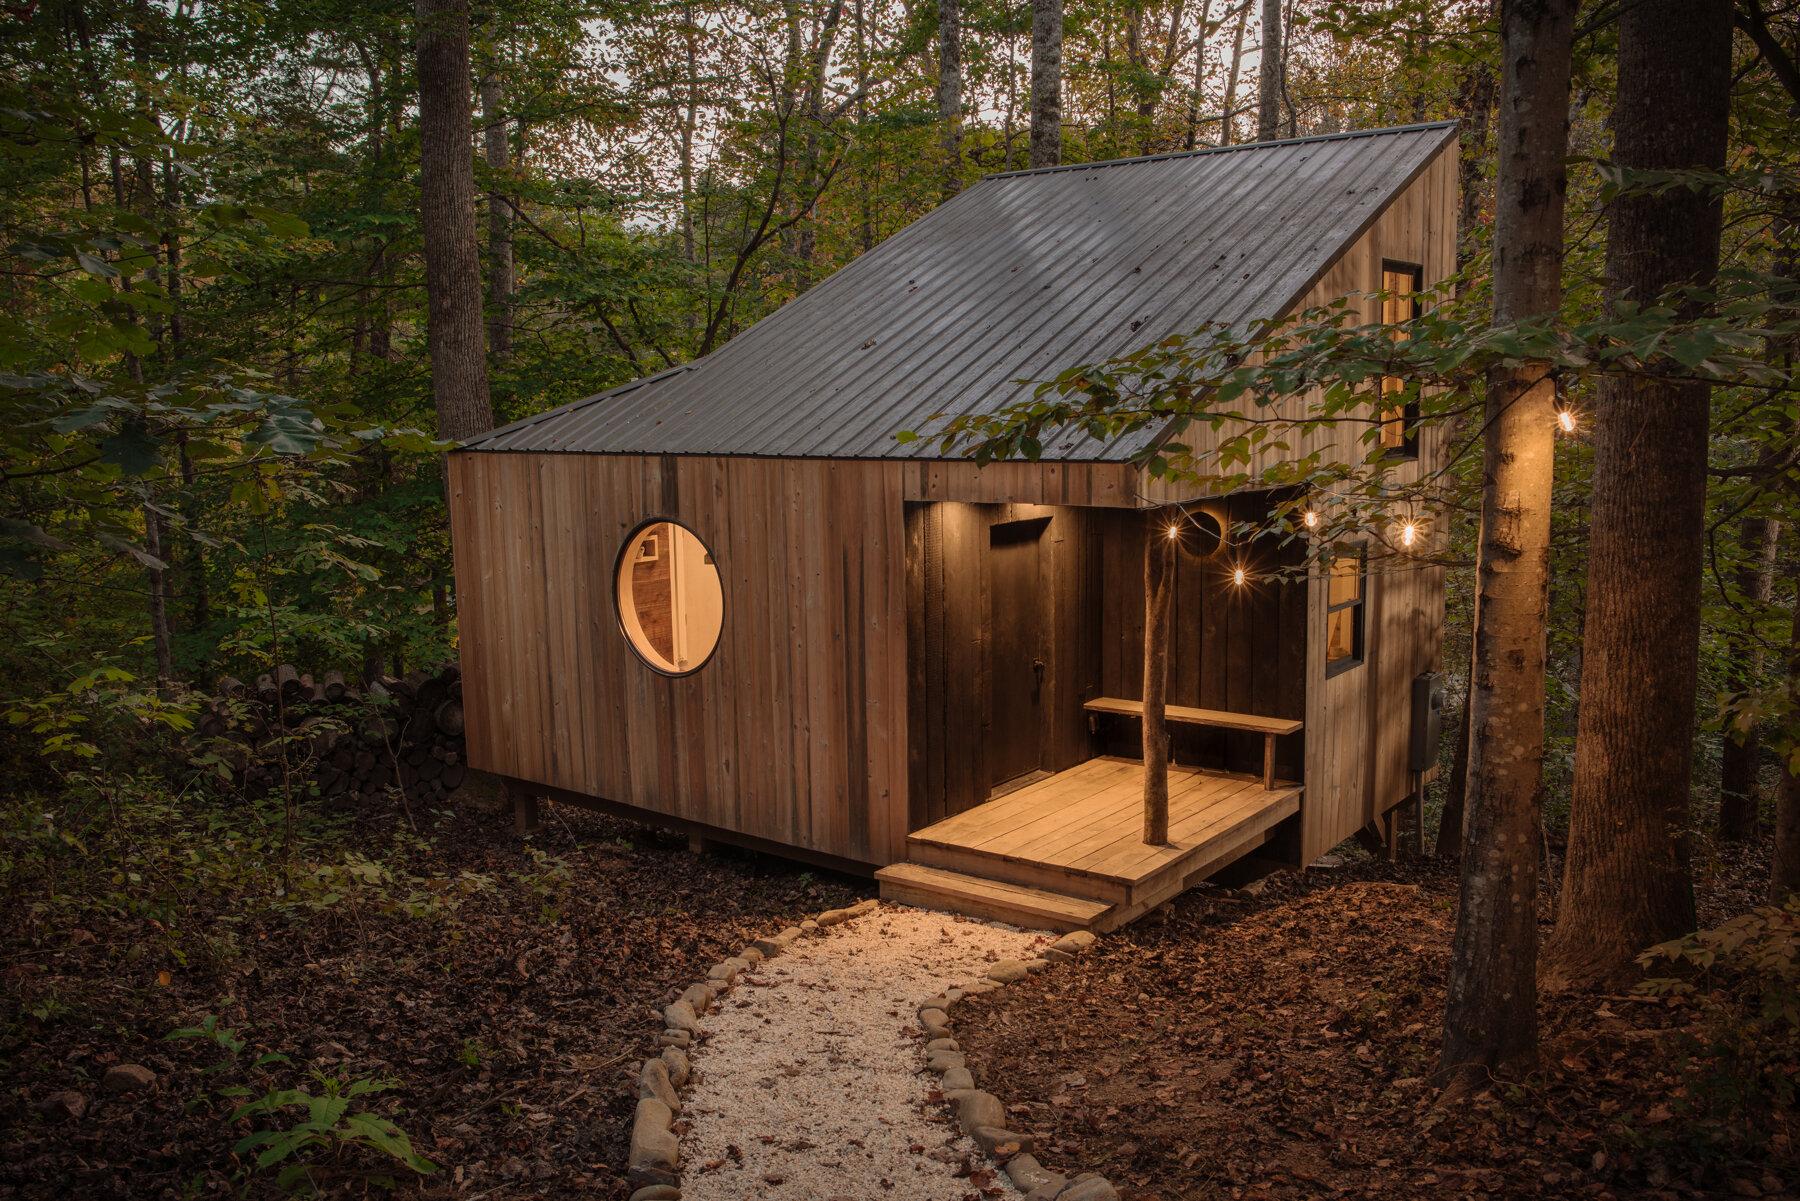 Căsuță în pădure de numai 37 m² cuibul perfect pentru o vacanță în doi 1